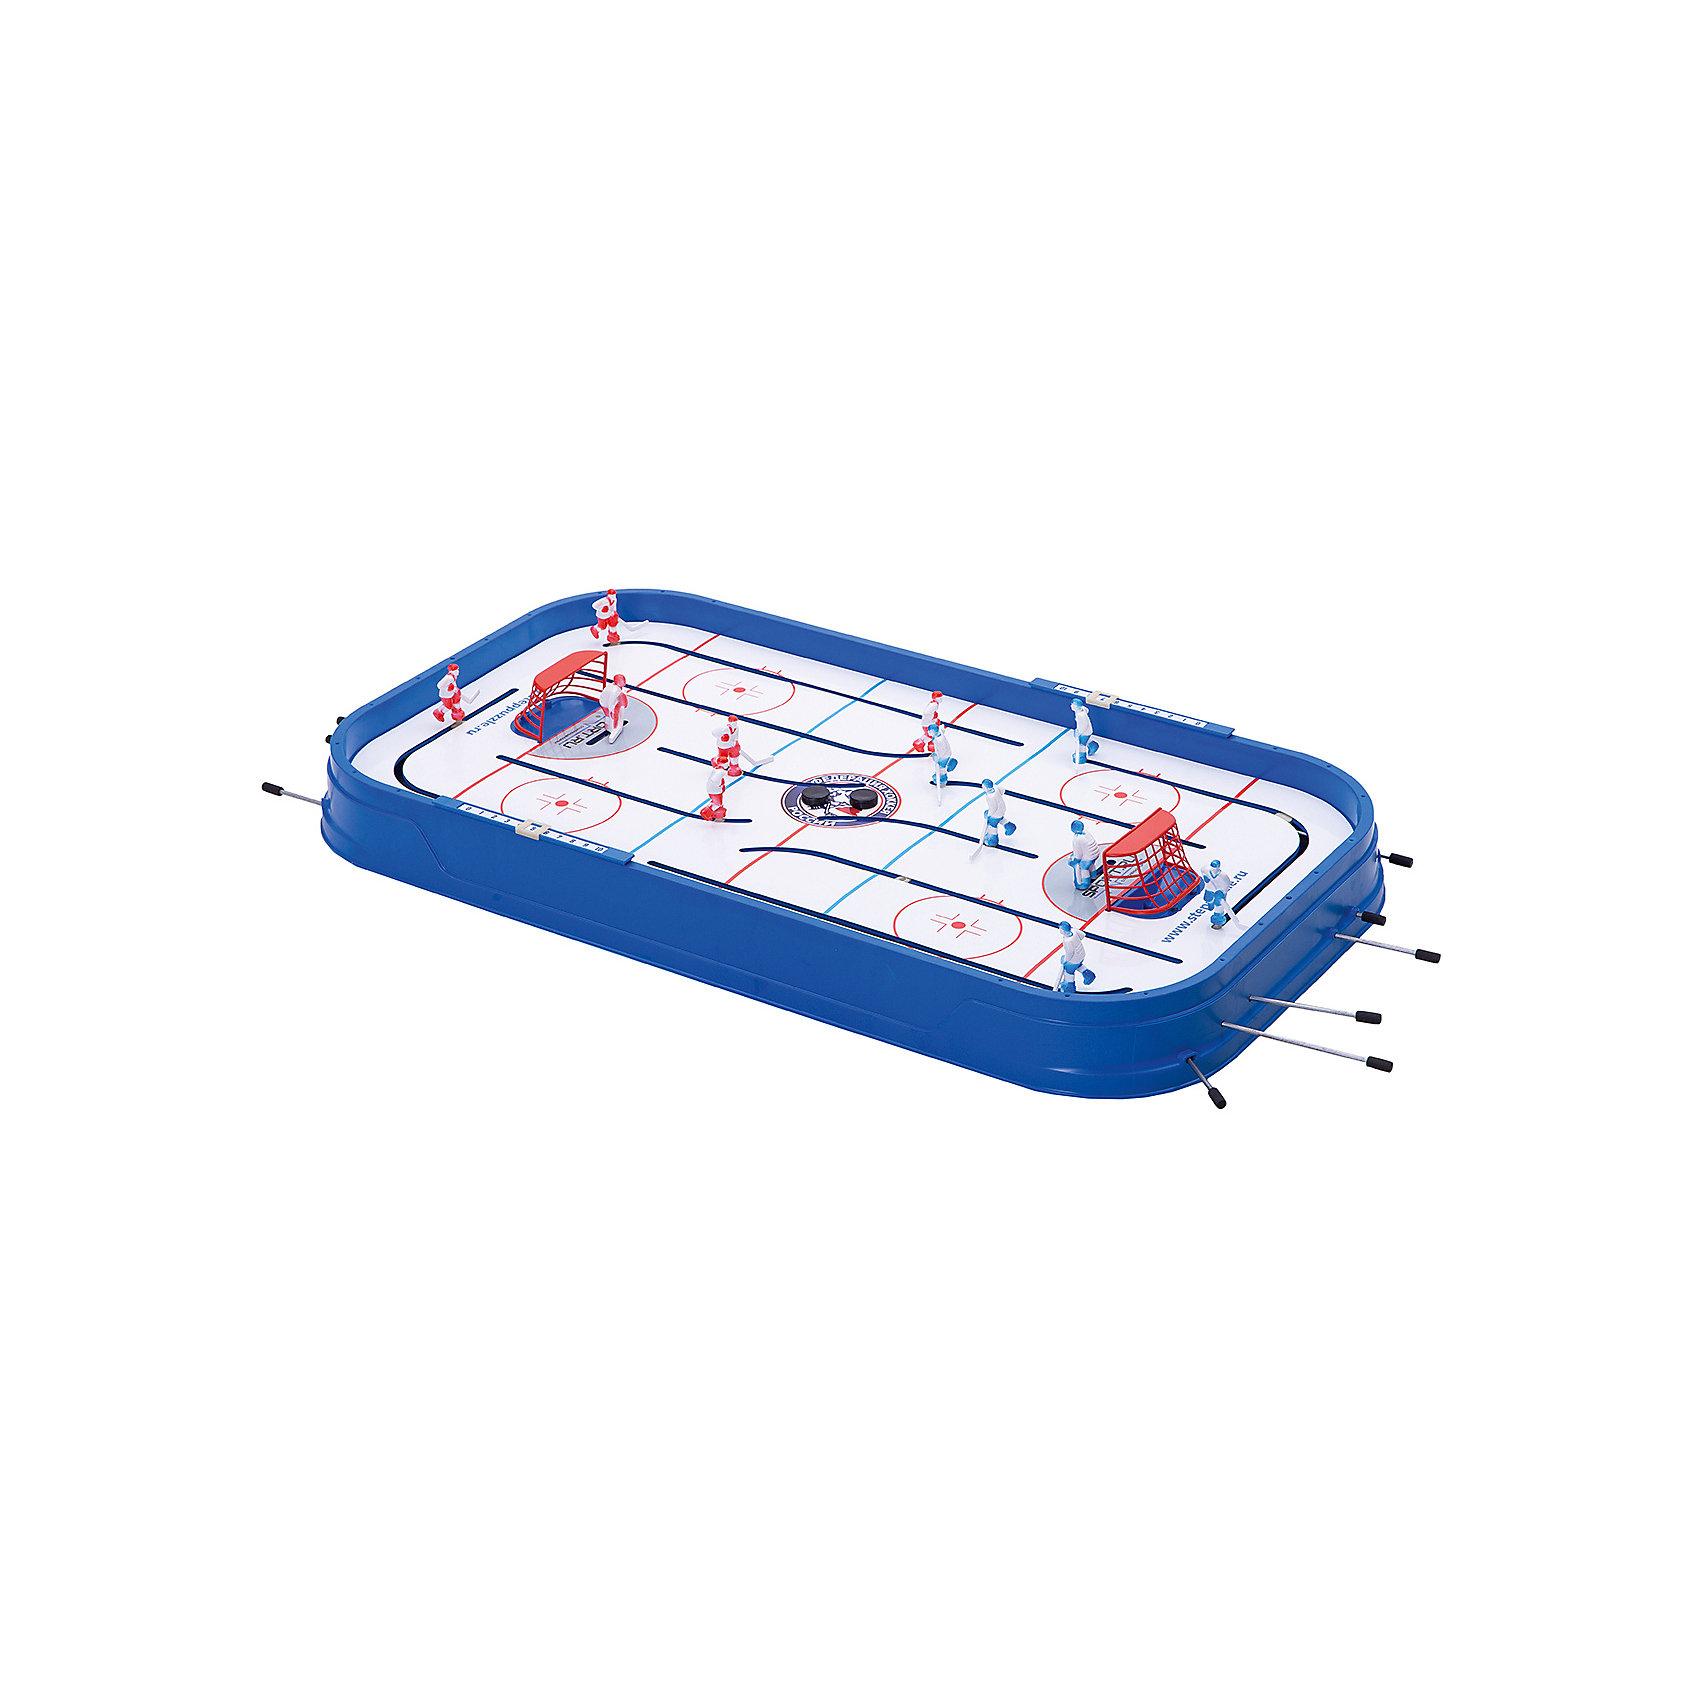 Настольная детская игра Хоккей, Степ ПазлКубики<br>Настольная детская игра Хоккей, Степ Пазл.<br><br>Характеристики:<br><br>• В набор входит: игровое поле, 12 игроков, 2 табло, 2 ворот, 2 шайбы, запасные детали, инструкция и правила игры<br>• Количество игроков: от 2х до 4х<br>• Время 1 партии: 20-25 мин.<br>• Размер упаковки: 98 * 9 * 53 см.<br>• Состав: пластик, металл<br>• Вес: 3700 гр.<br>• Для детей в возрасте: от 5 до 12 лет<br>• Страна производитель: Россия<br><br>Настольный хоккей - игра для детей и взрослых, которая позволит увлекательно провести время в семье и с друзьями. Две команды объемных хоккеистов в форме разных цветов. Табло счета. Левый нападающий, заезжающий за ворота противника, придает игре больше динамичности и реализма. Играйте в настольный хоккей, устраивайте турниры и почувствуйте себя настоящими хоккеистами. <br><br>Настольную детскую игру Хоккей, Степ Пазл, можно купить в нашем интернет – магазине.<br><br>Ширина мм: 980<br>Глубина мм: 470<br>Высота мм: 530<br>Вес г: 18500<br>Возраст от месяцев: 60<br>Возраст до месяцев: 2147483647<br>Пол: Мужской<br>Возраст: Детский<br>SKU: 5435625